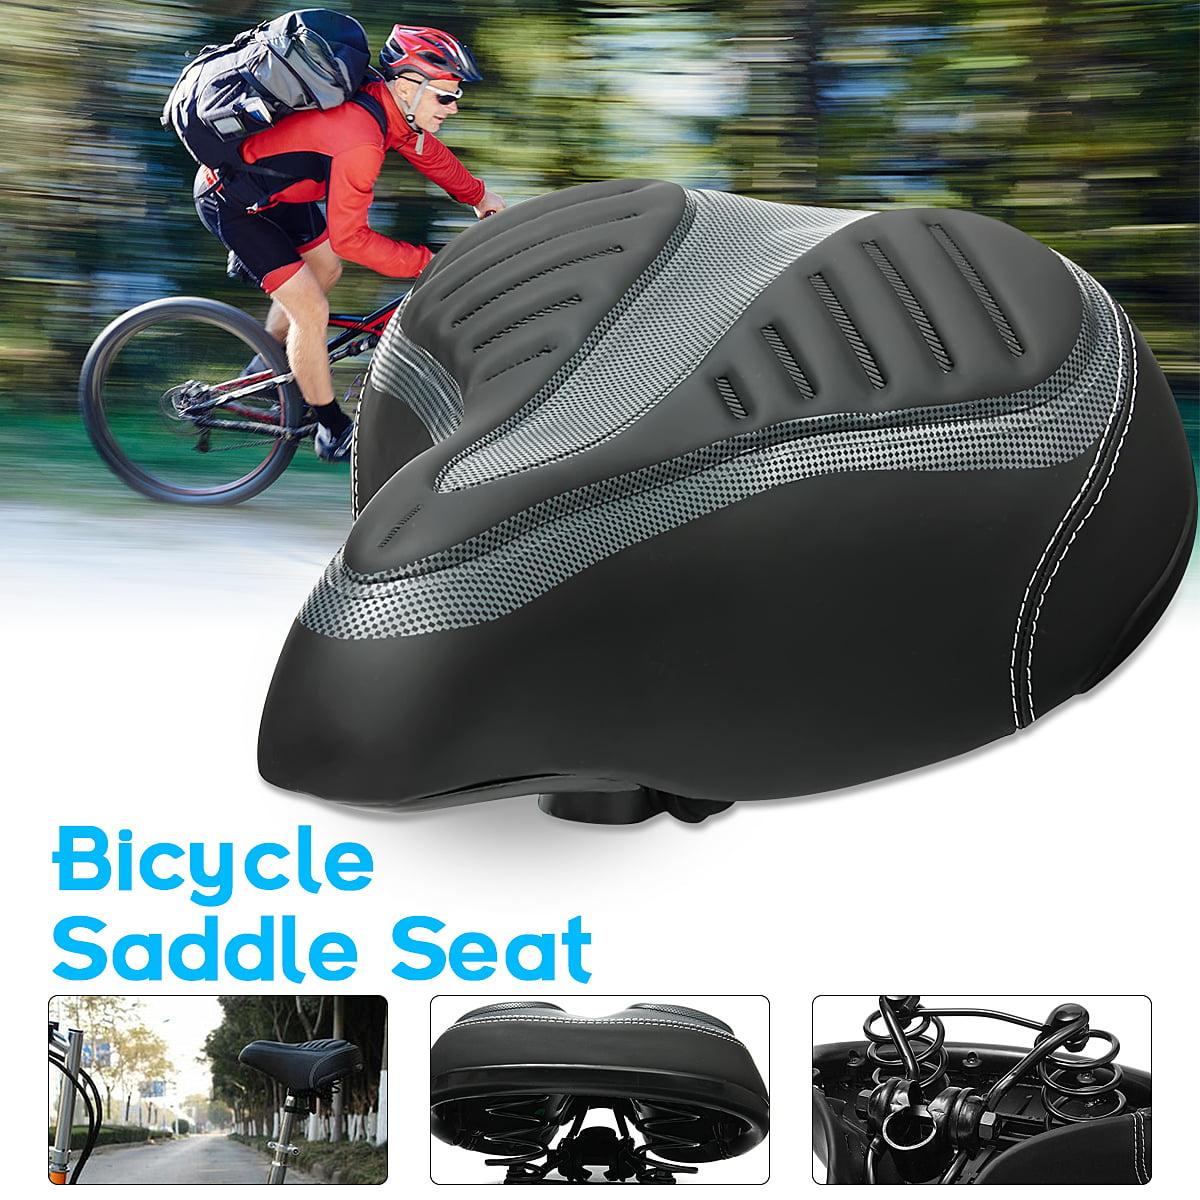 Wide Sponge Bicycle Seat Bike Saddle Seat Cycling Saddle MTB Cushion